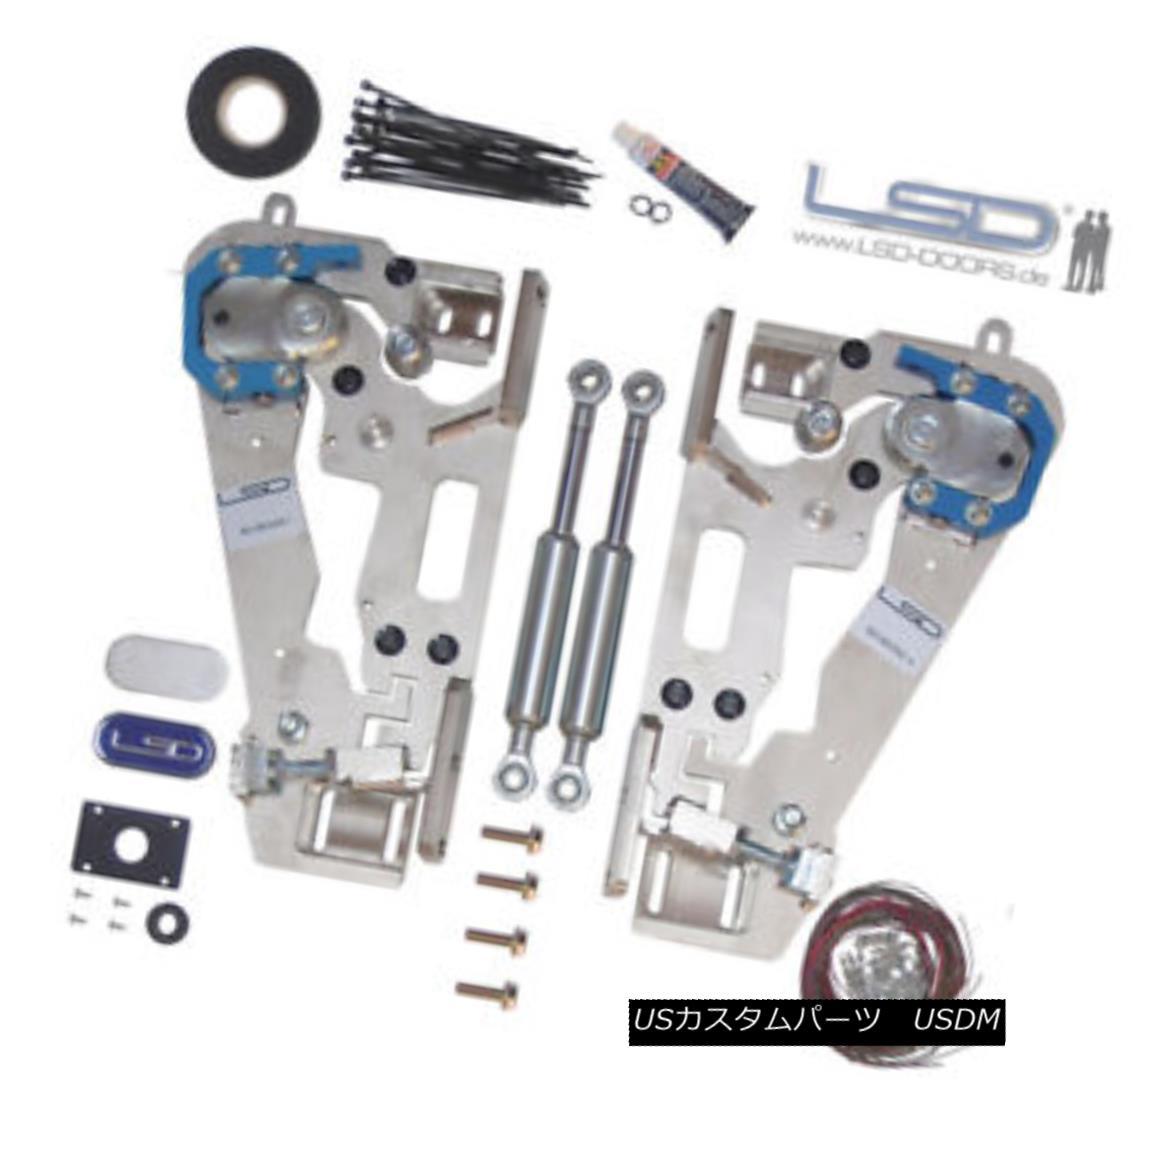 ガルウィングキット LSD Doors Lambo Style for Mazda RX-8 SE Vertical Door Kit 50075003 . マツダRX-8 SEの垂直ドアキット50075003のためのLSDドアのランボルギー様式。